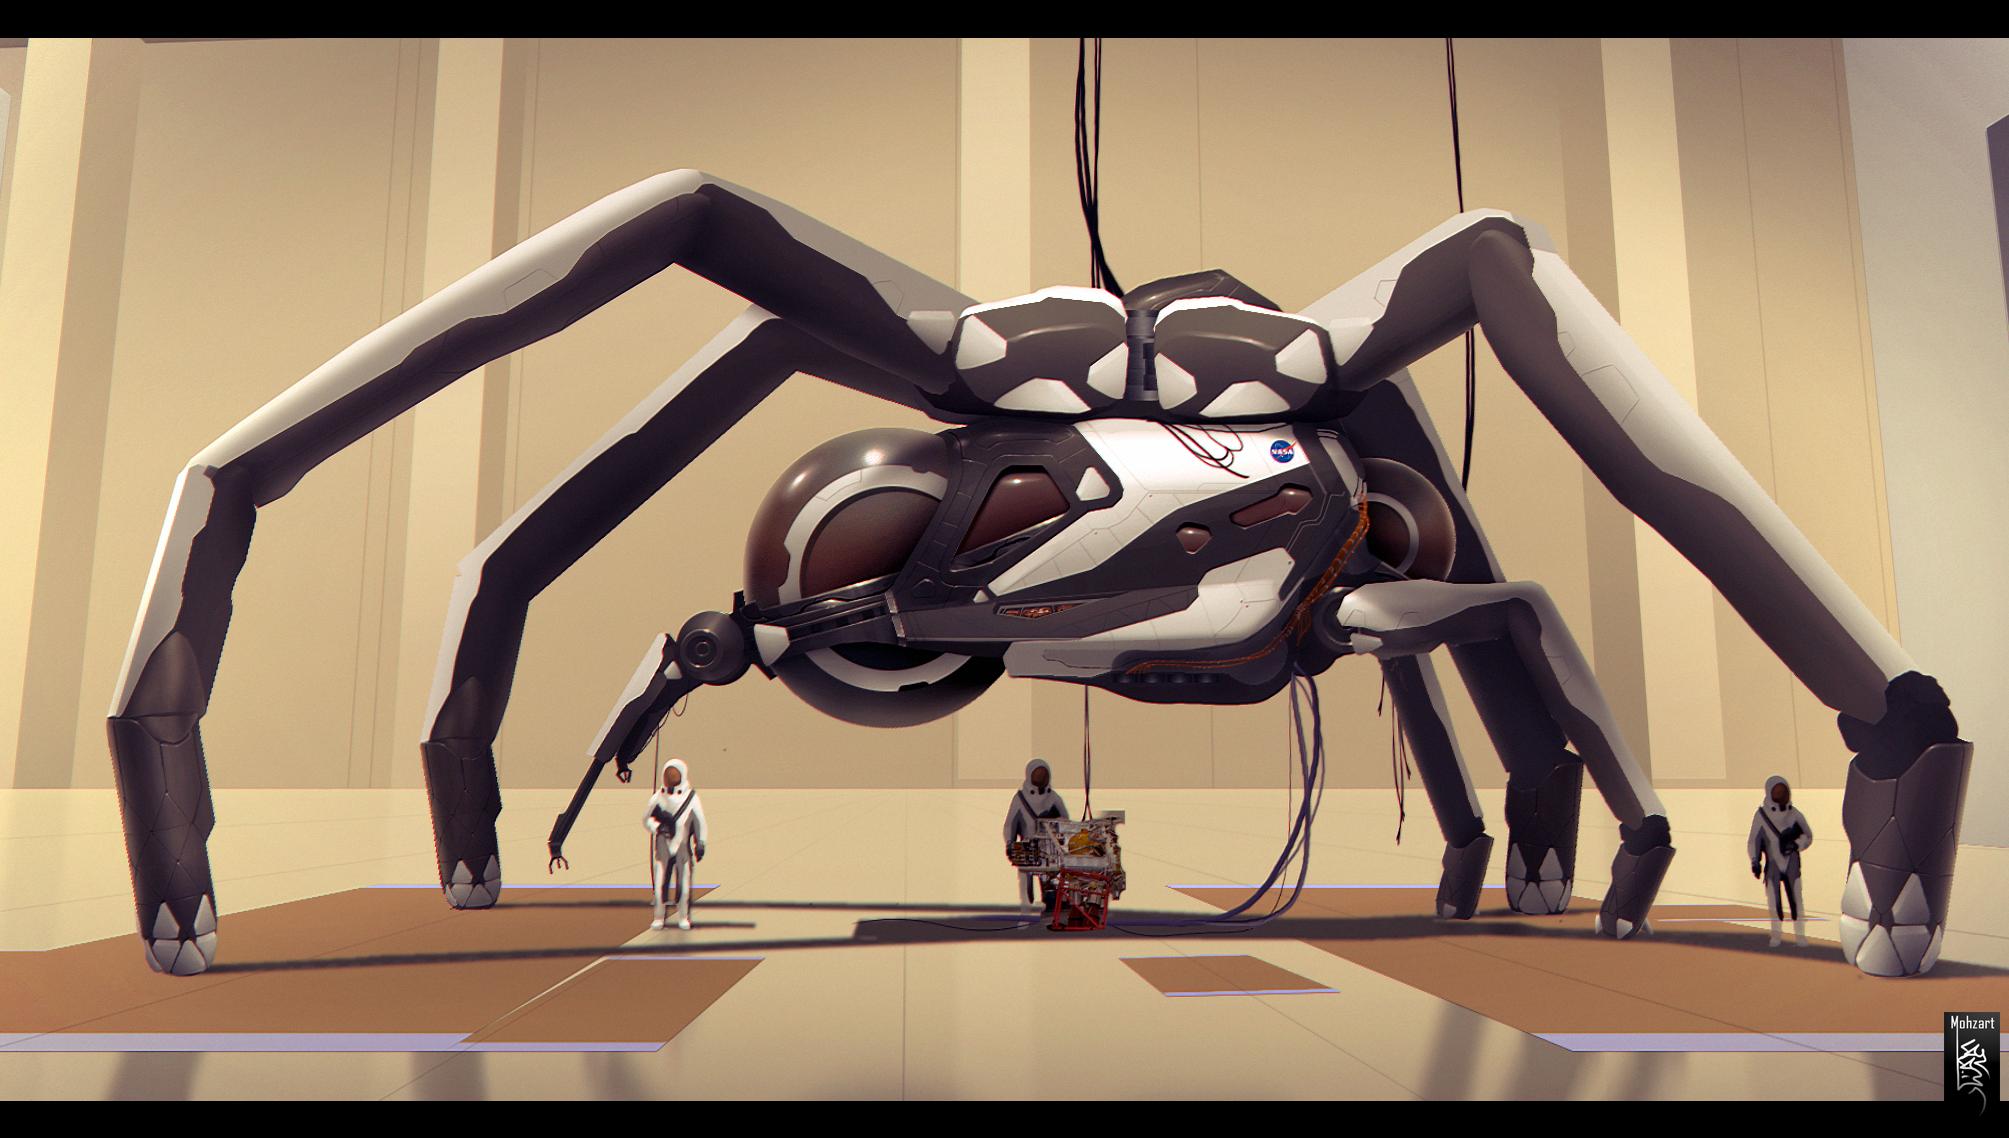 nasa_spider_by_mohzart-d94v2wm.png